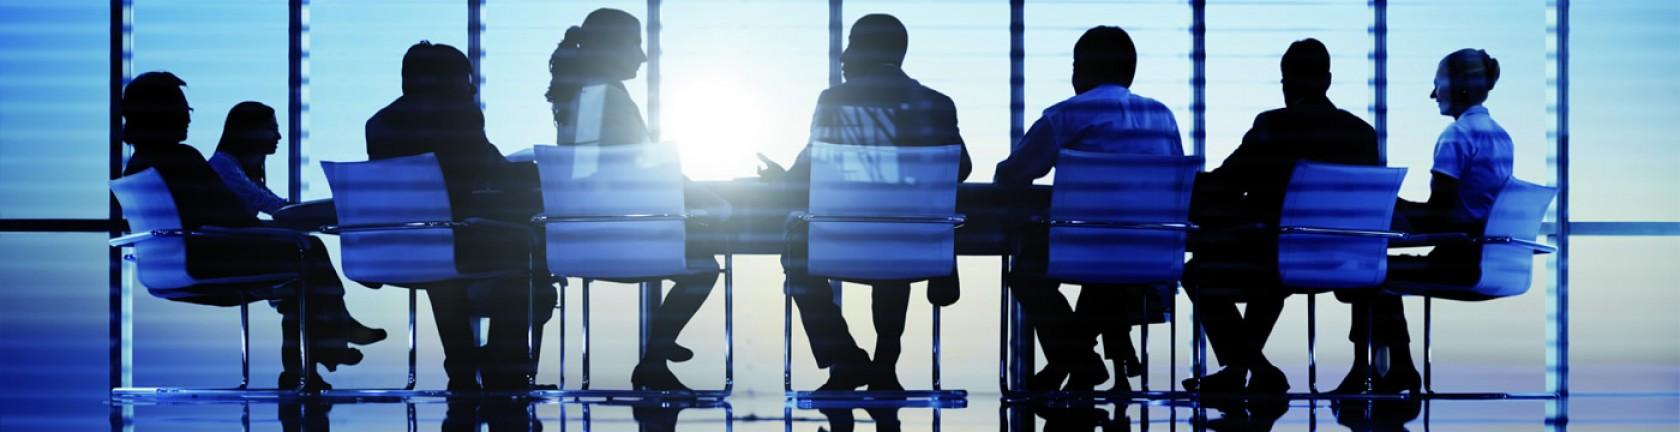 Prise de RDV personnalisé - MBA Communication Publique et Influence EFAP Paris